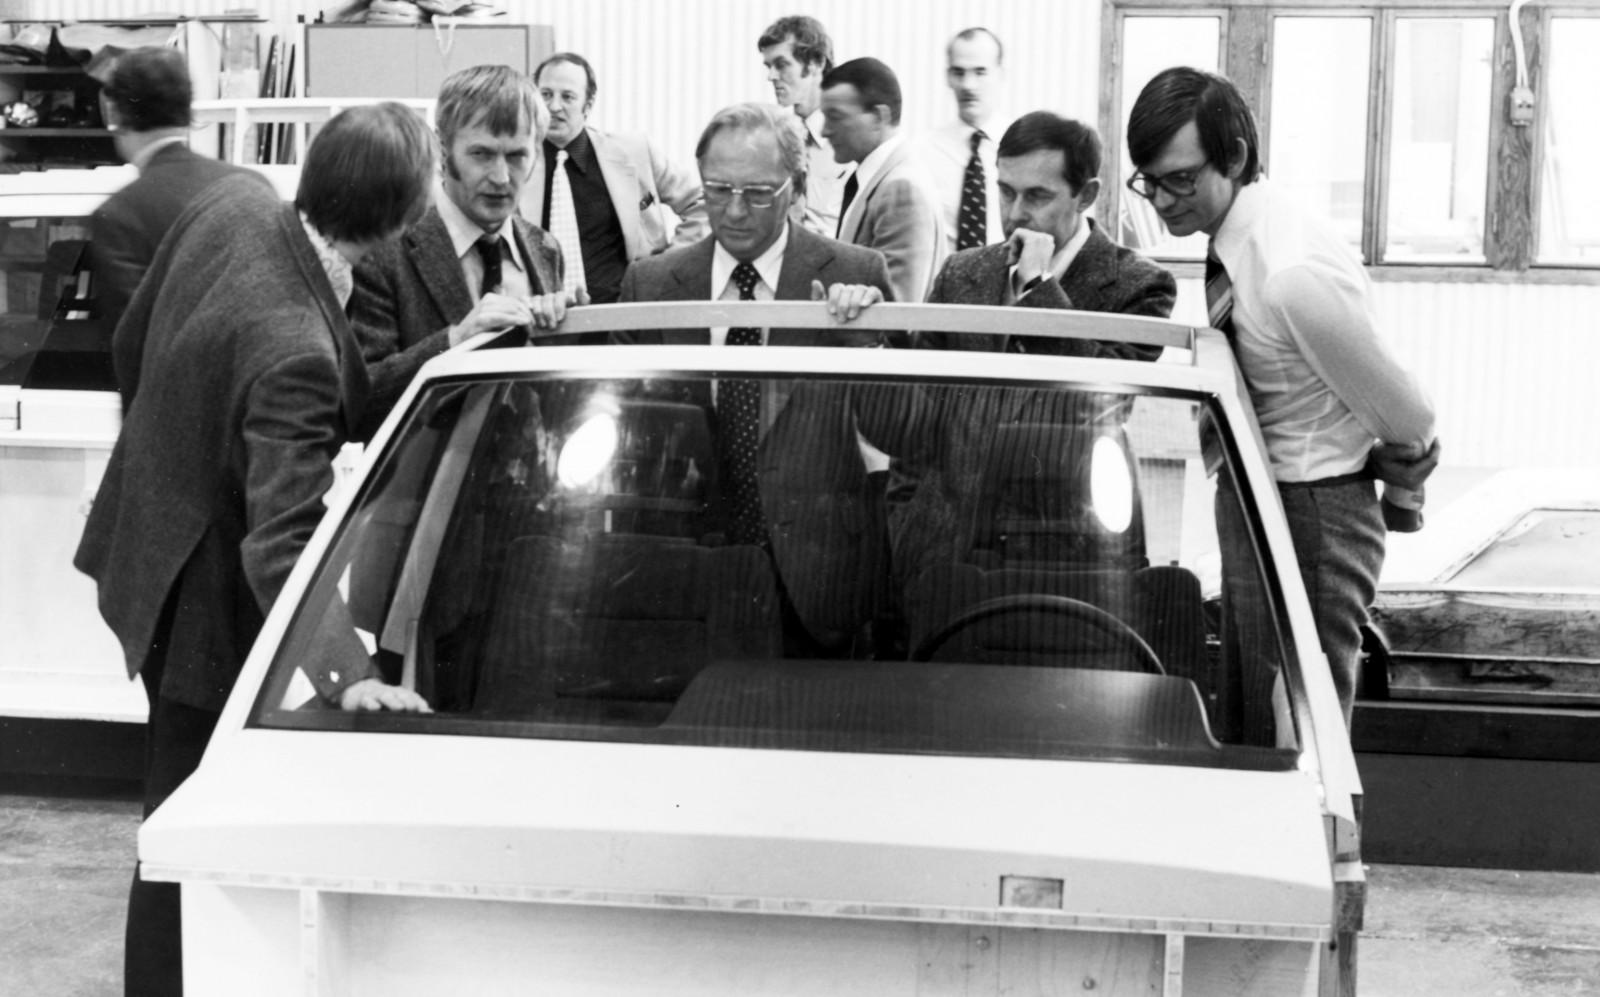 Håkan Frisinger står här i mitten vid en mock-up av inredningen till 700-serien. Bilden är sannolikt tagen i Volvos designavdelnings lokaler.